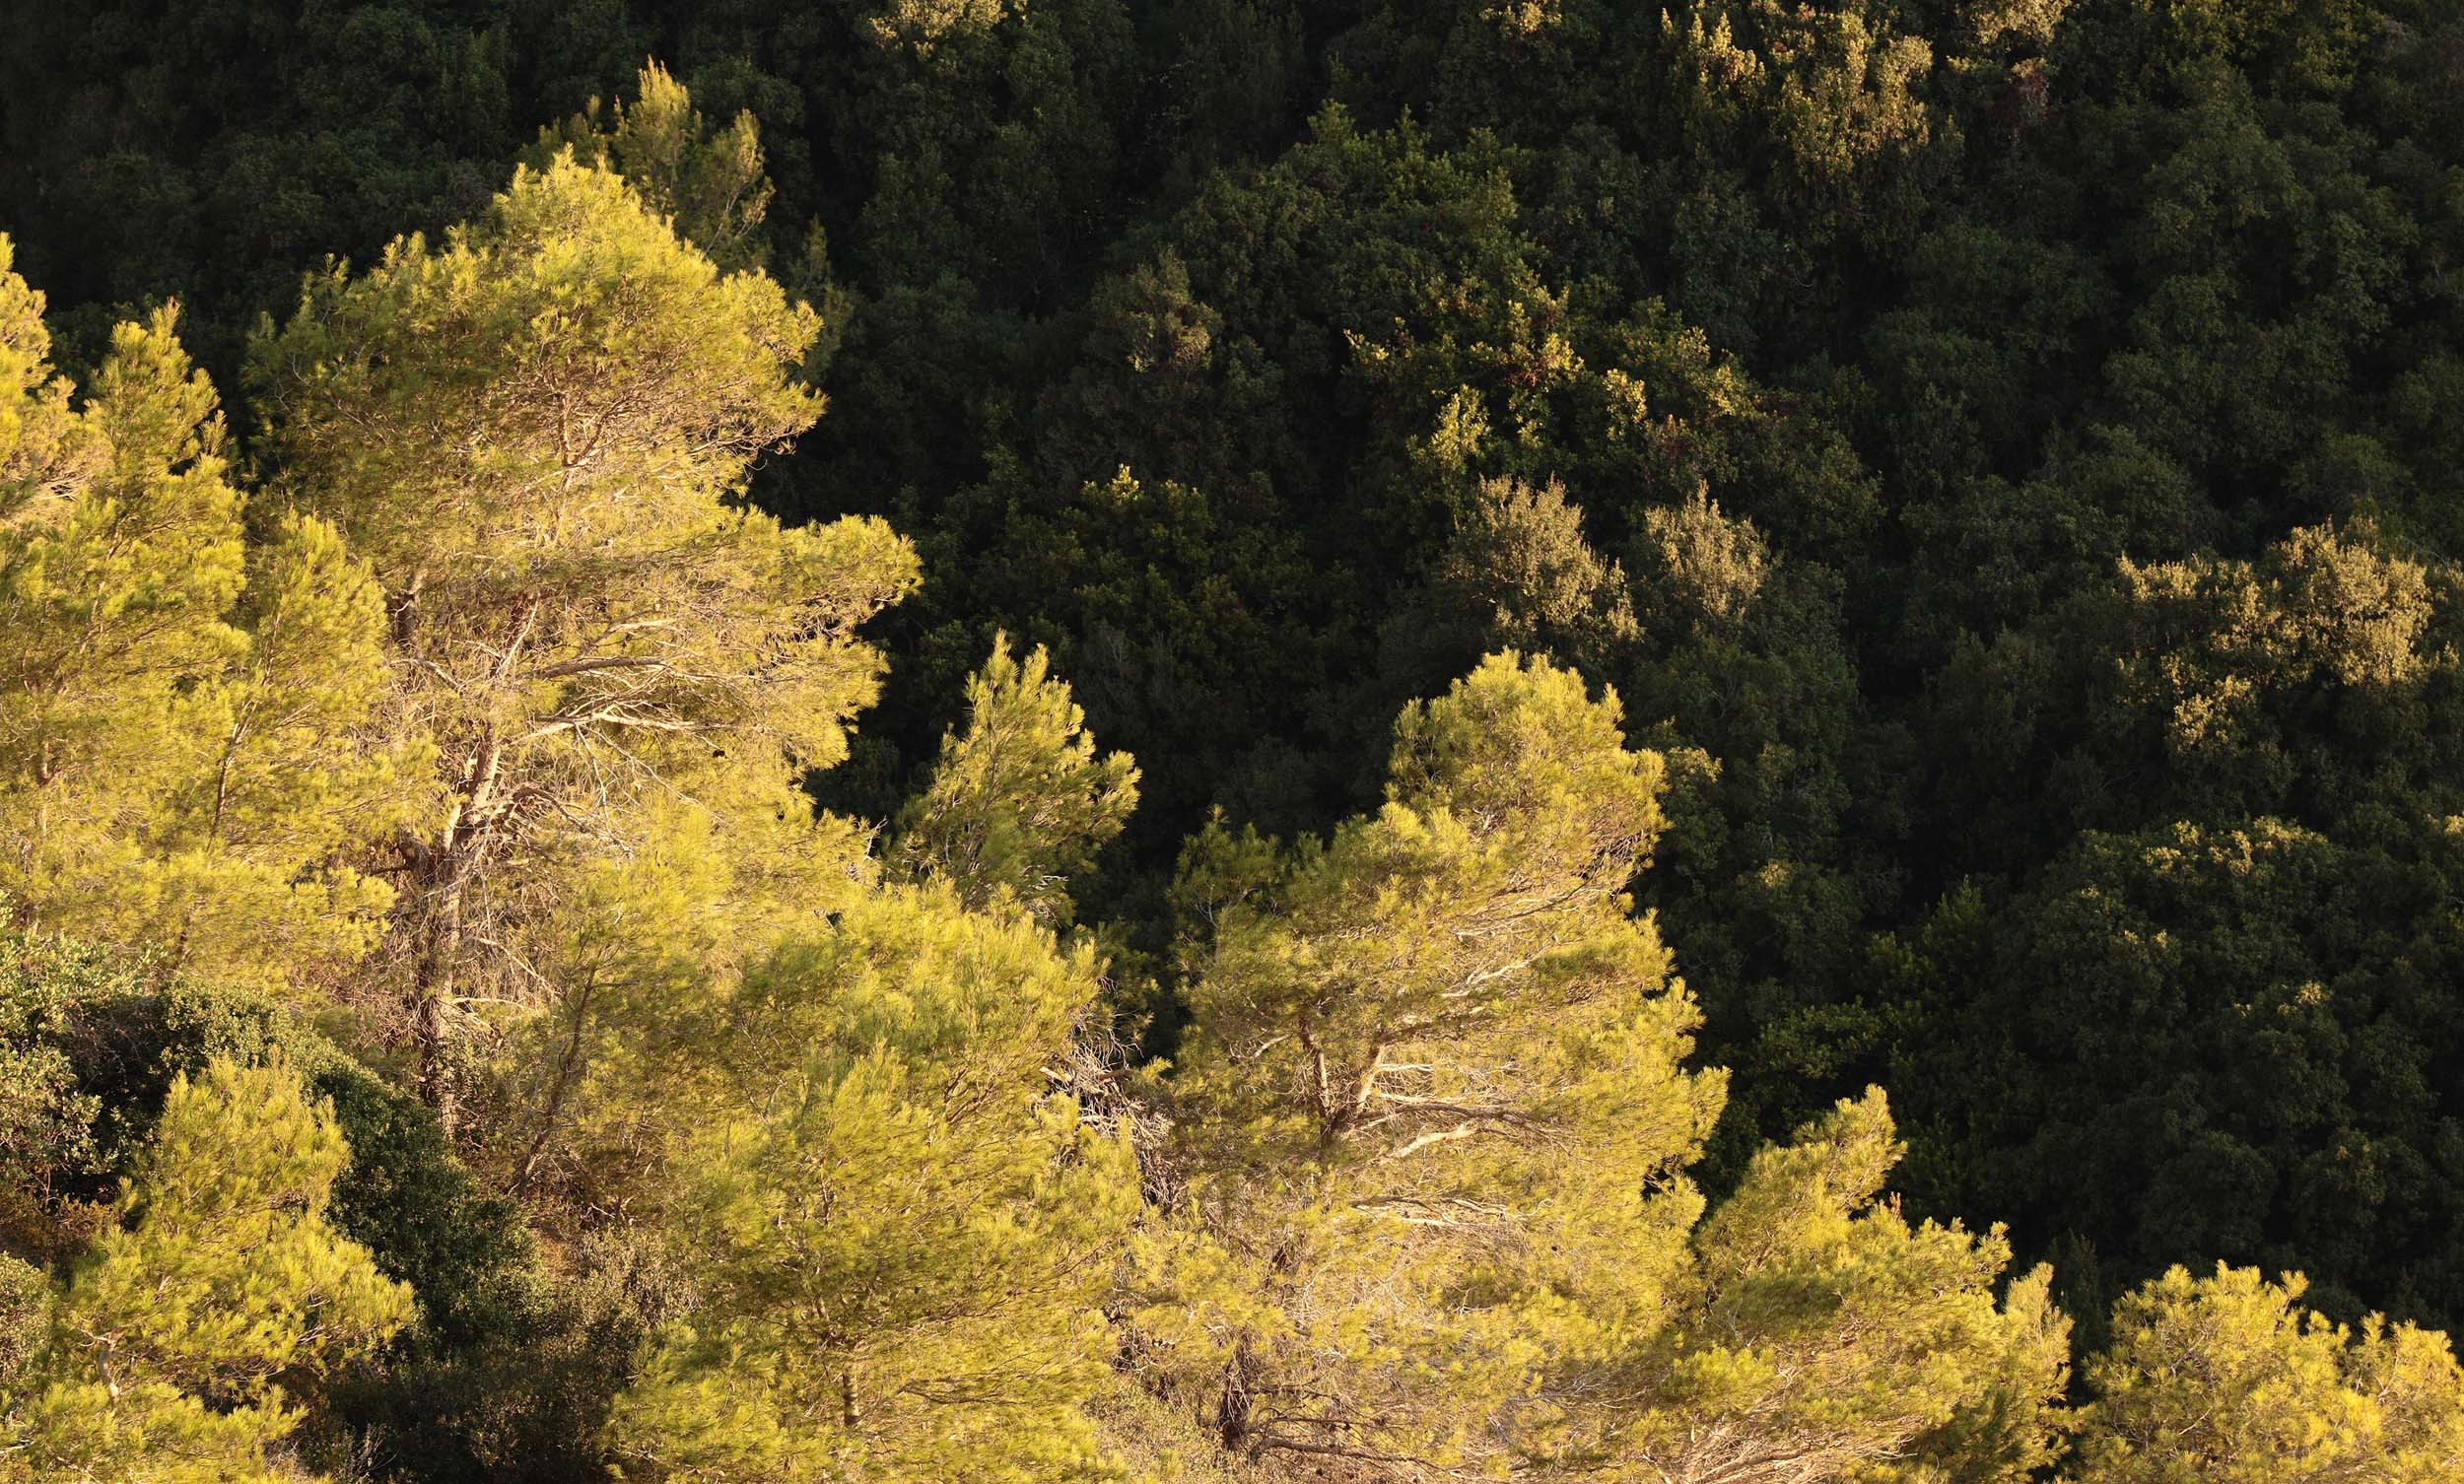 יער מחטים - צהוב (צילום: חגי ידידיה)